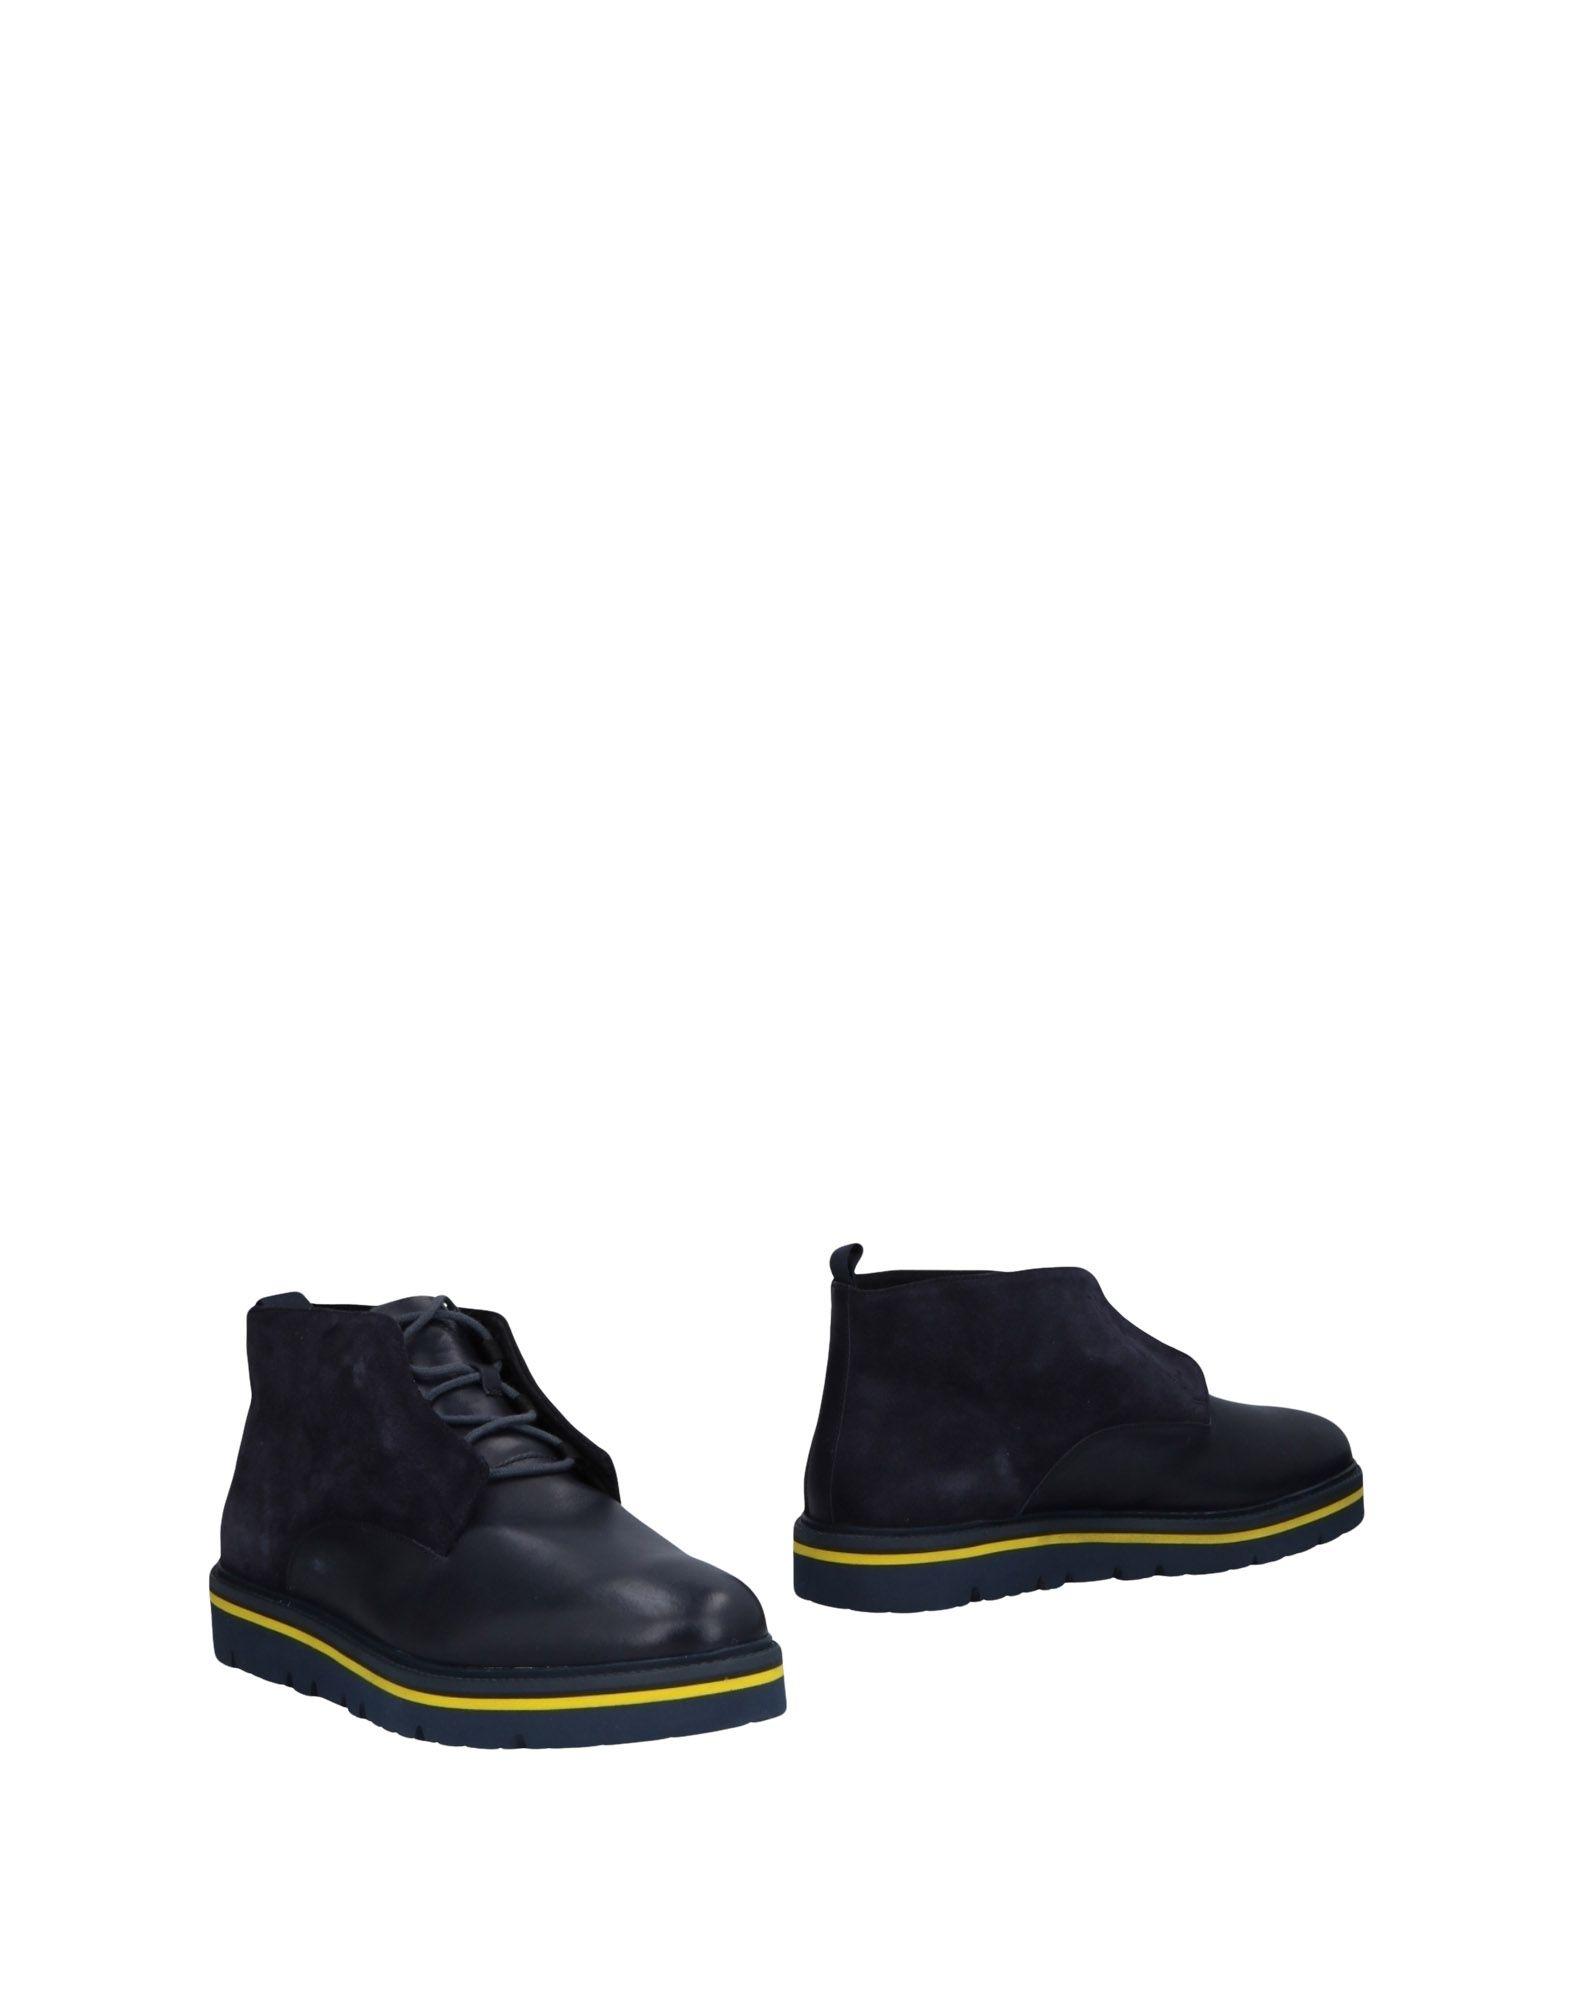 Stivaletti Armani Jeans Uomo Uomo Jeans - 11474609UD b120a8